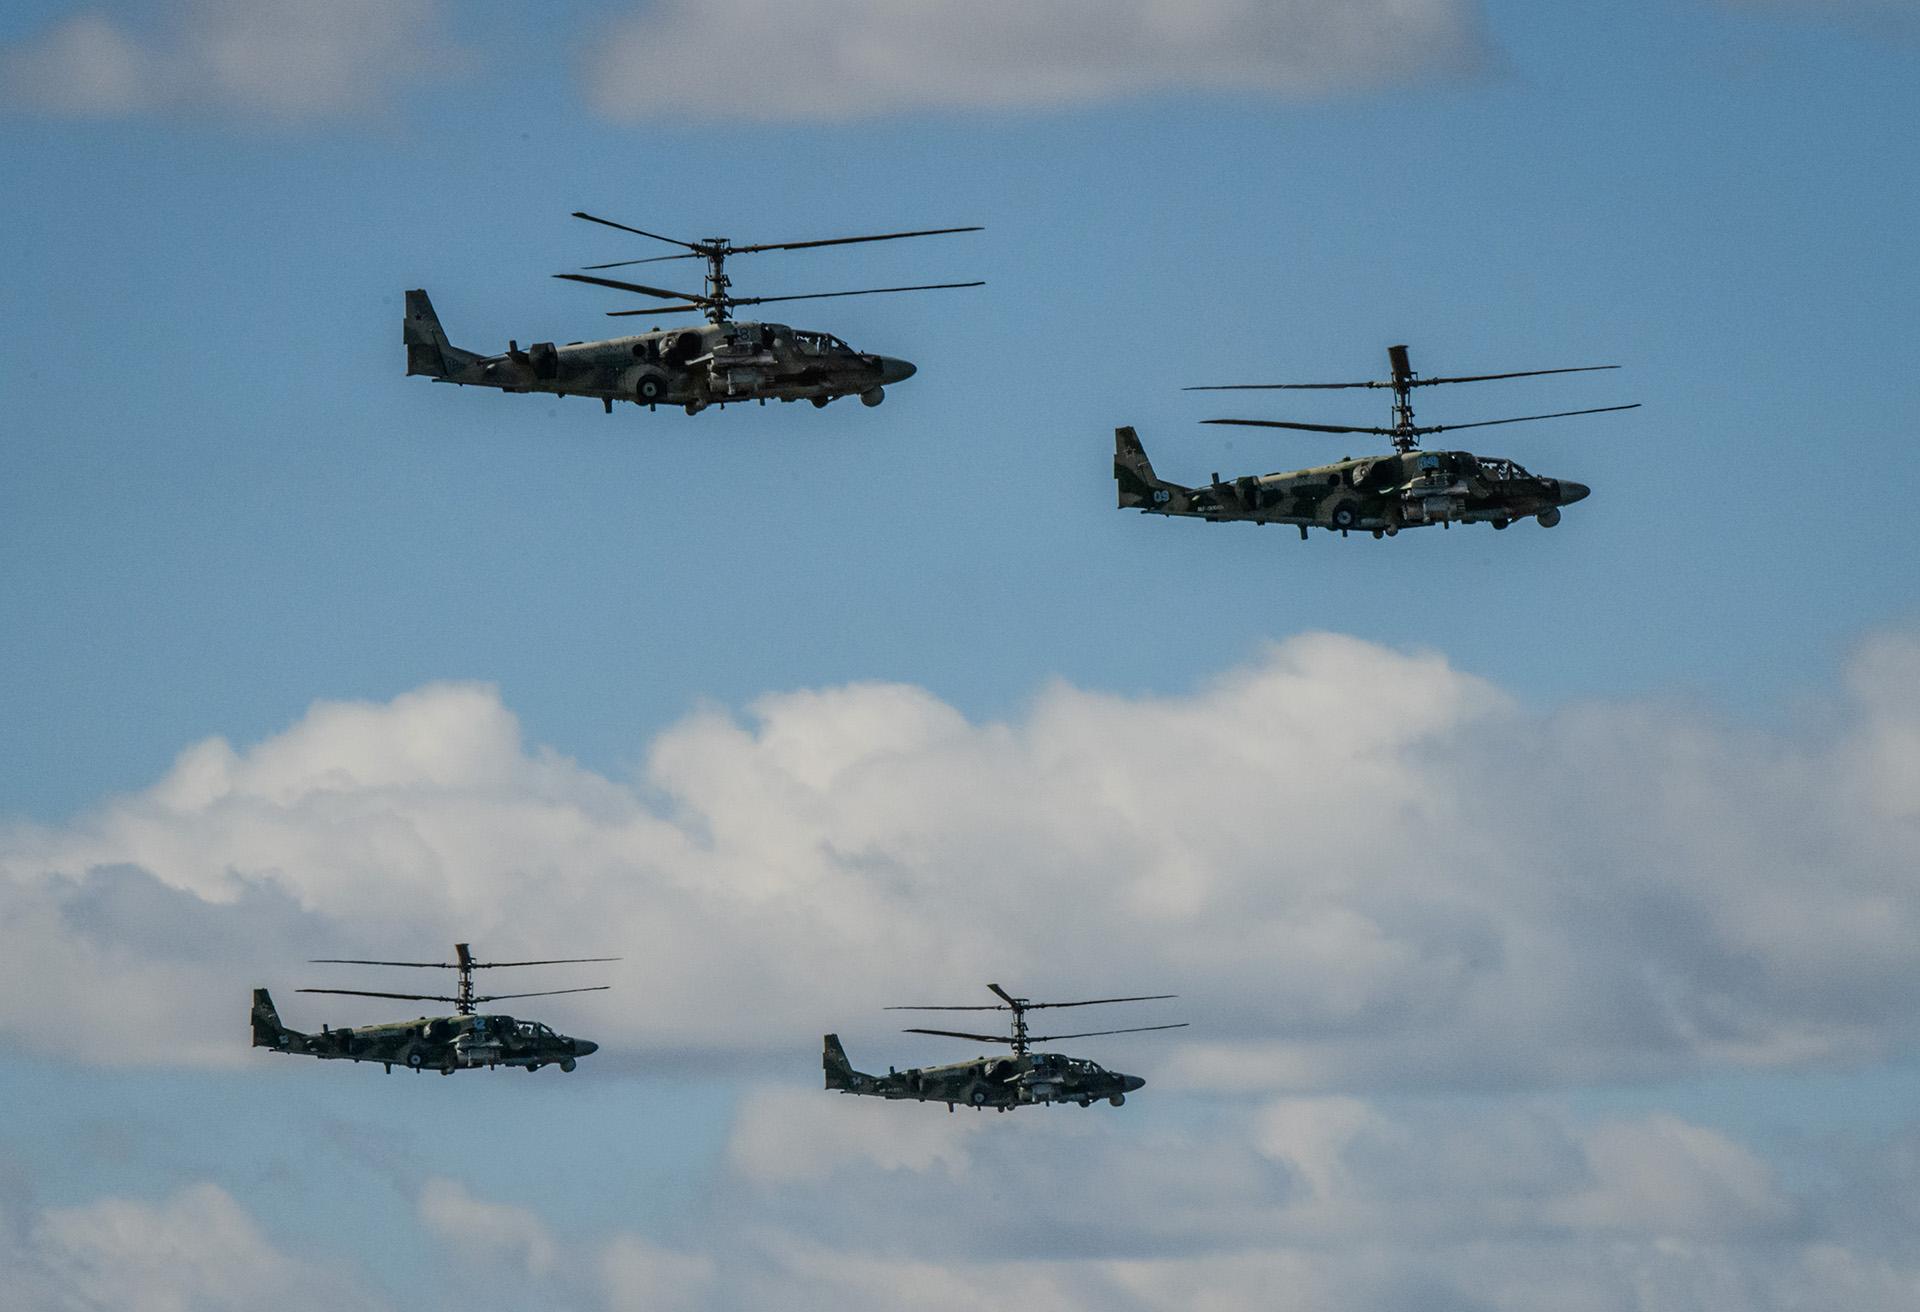 Cuatro helicópteros de ataque Kamov Ka-52